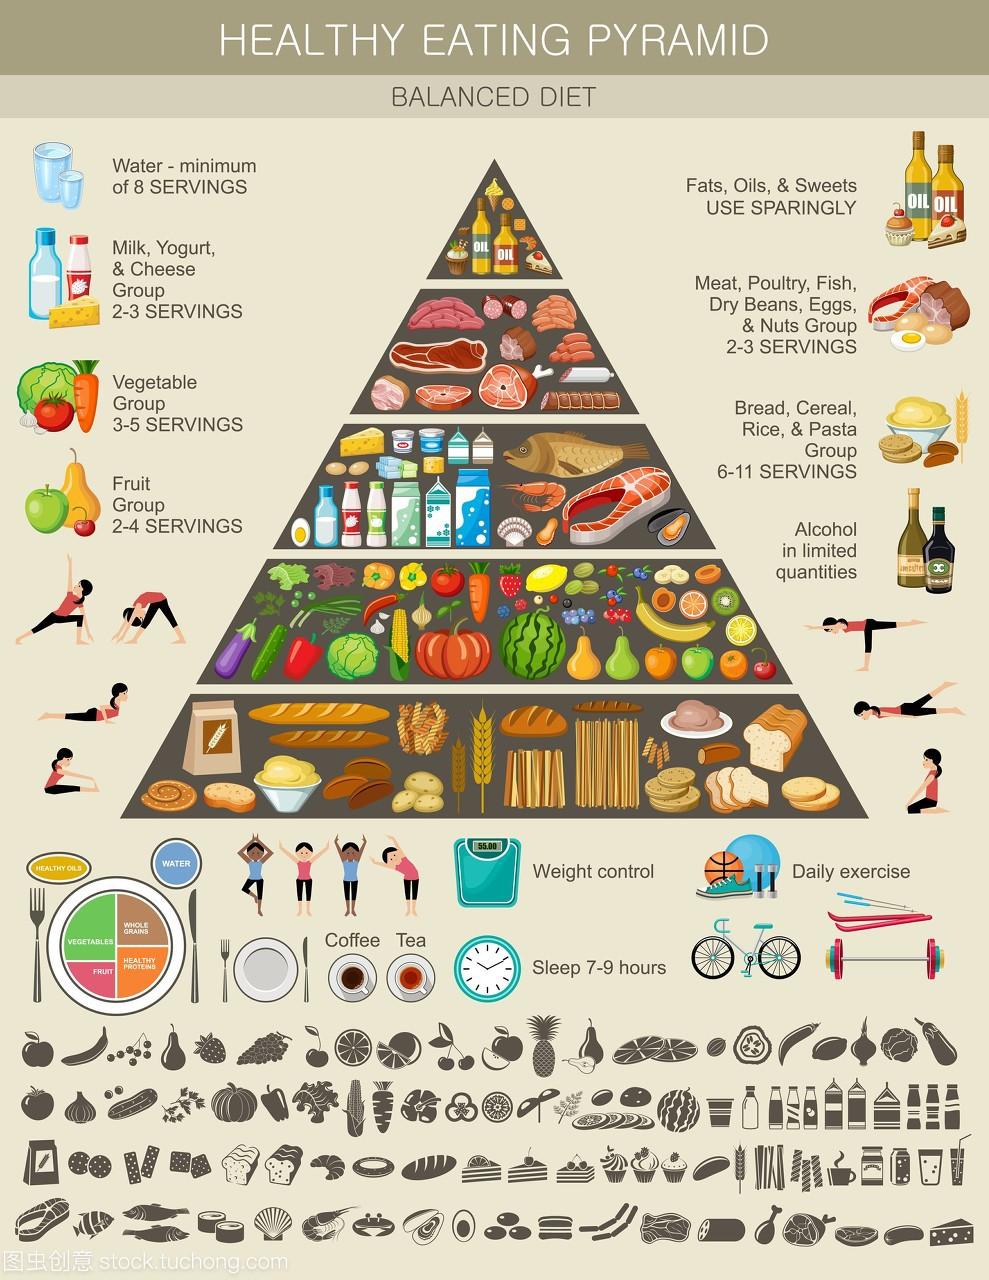 减肥,a饮食的,饮食,金字塔,内脏,食品,养生,节食,有营养墨鱼能吃图片